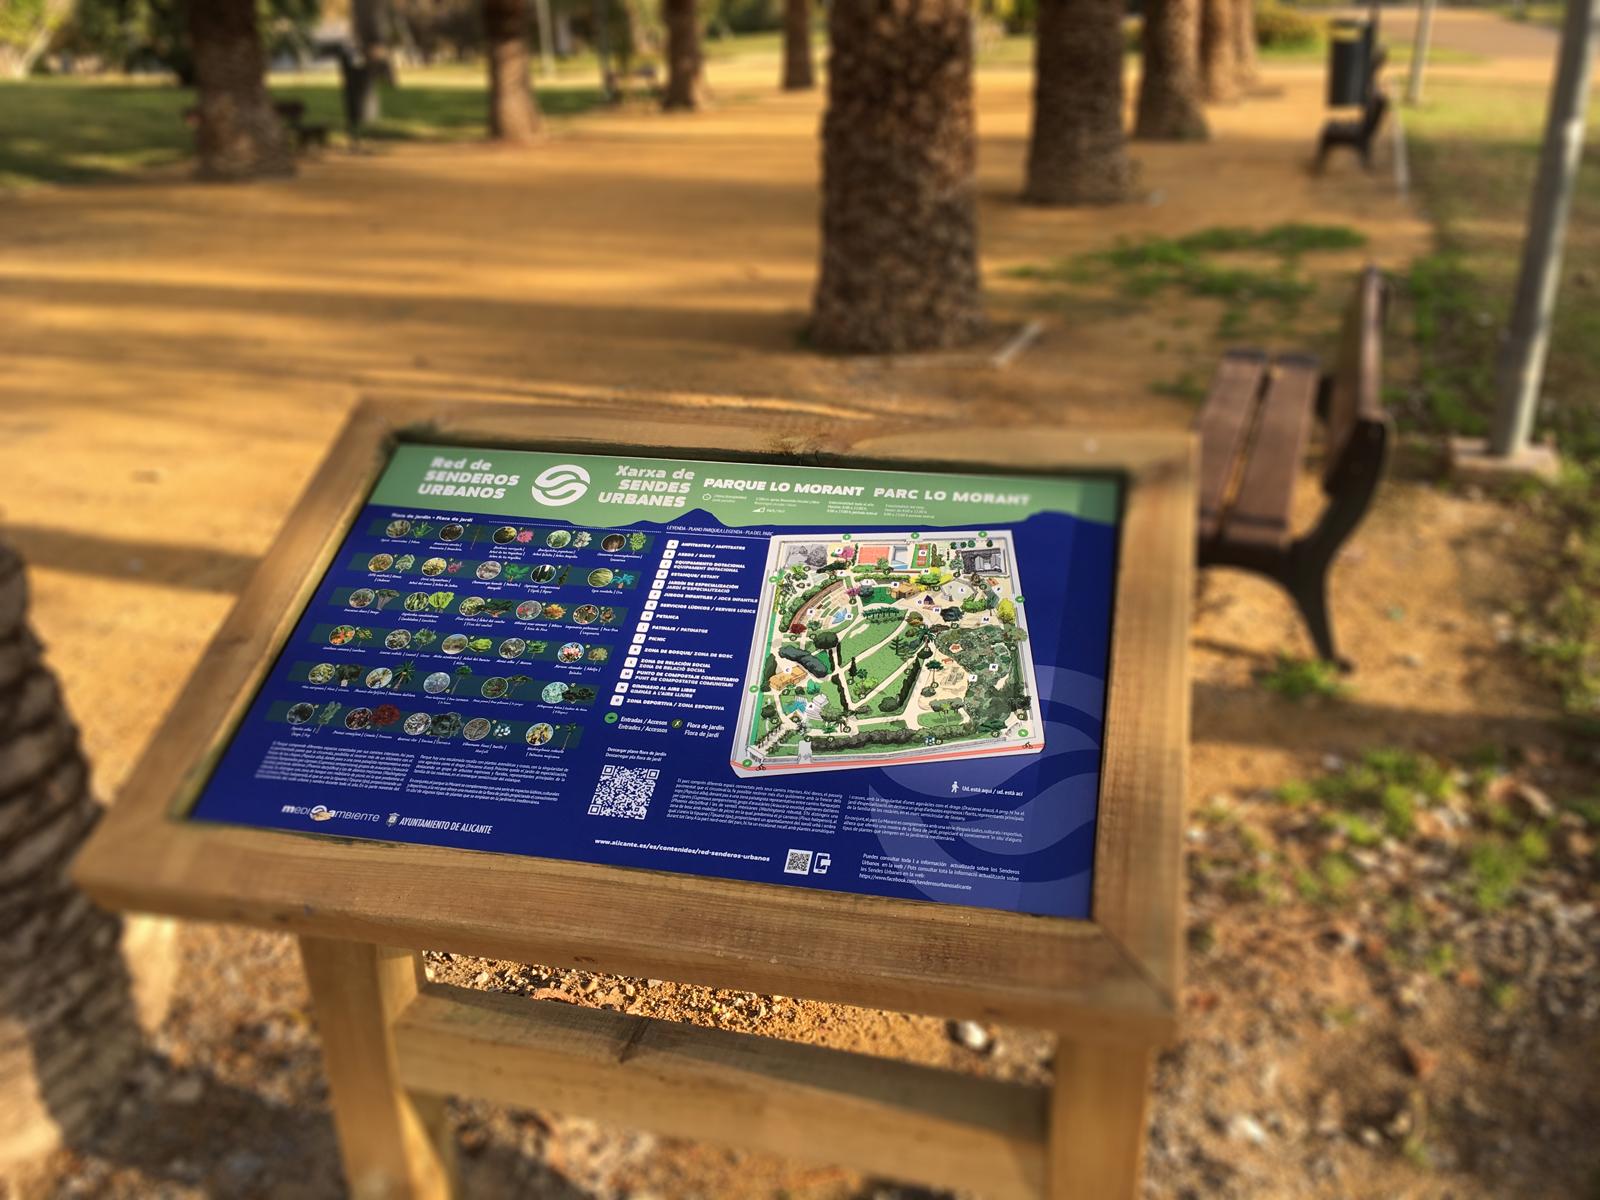 Mesa informativa parque Lo Morant